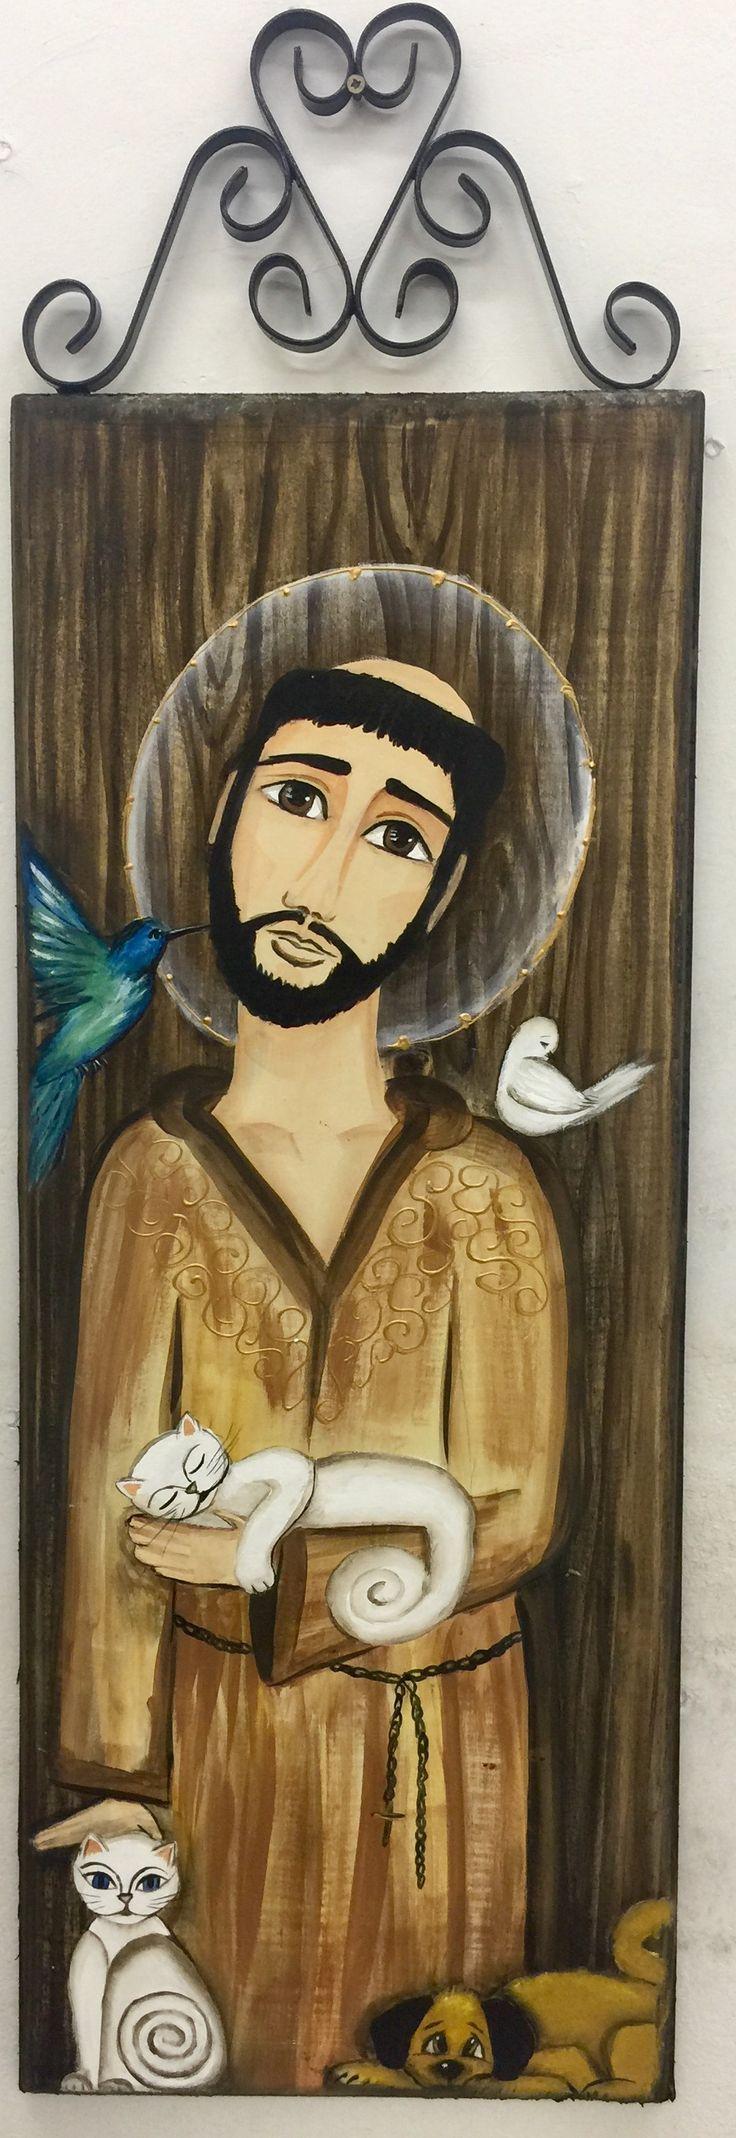 São Francisco pintado em madeira em 06/2017 de Sueli Azevedo